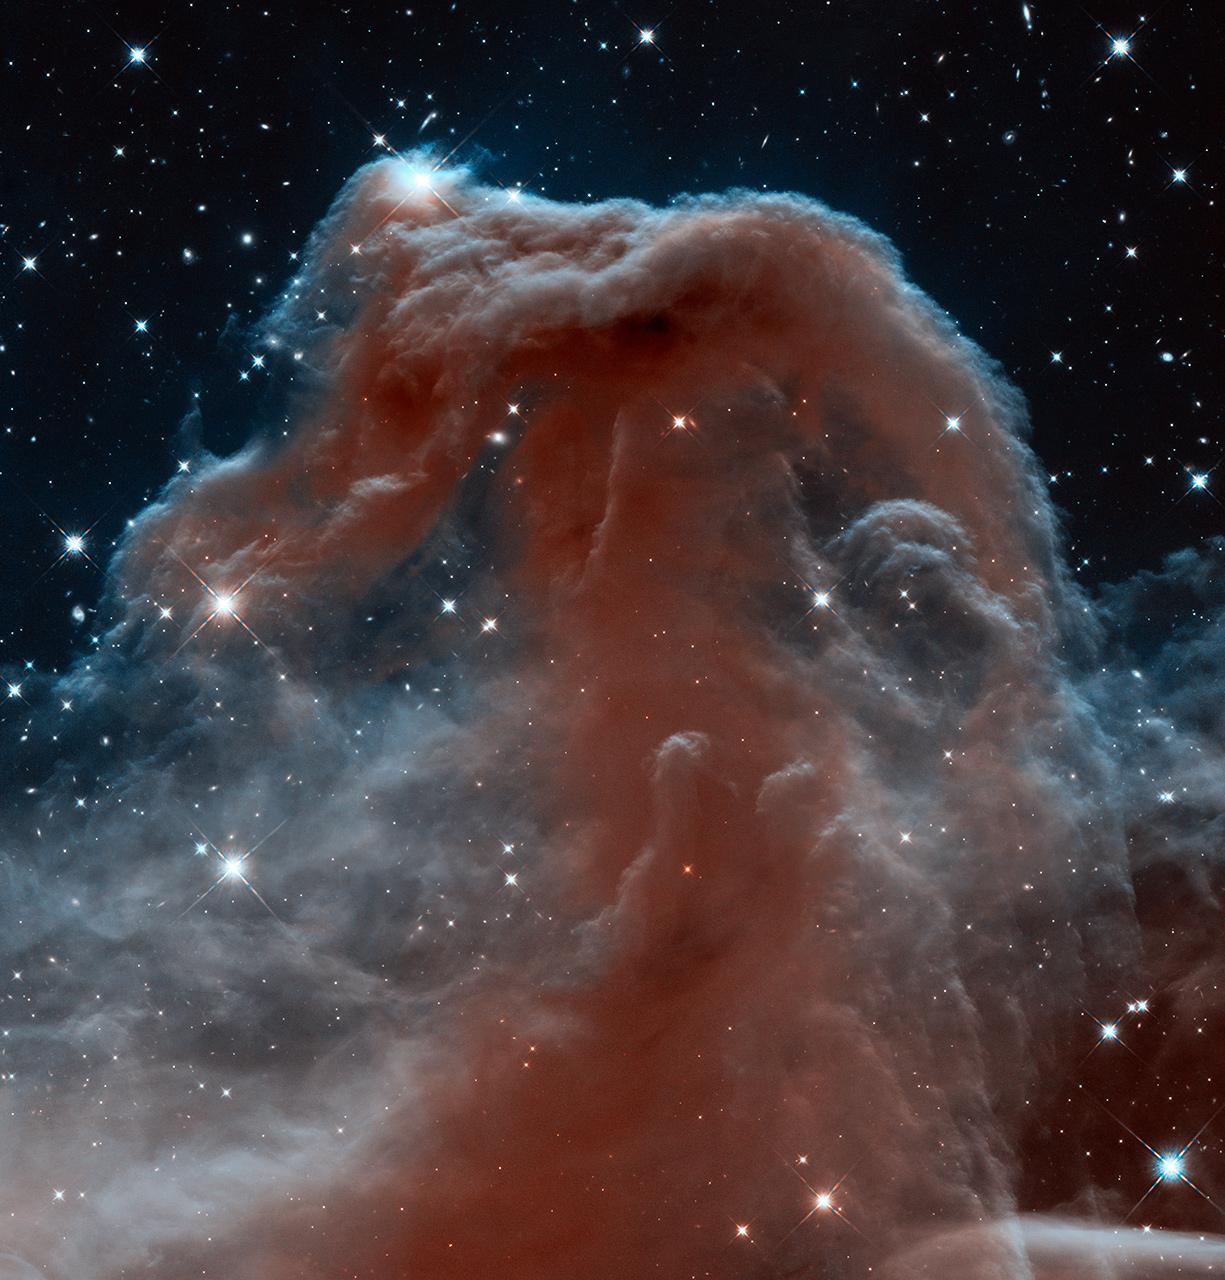 Credit : Kính viễn vọng không gian Hubble - HubbleSite.